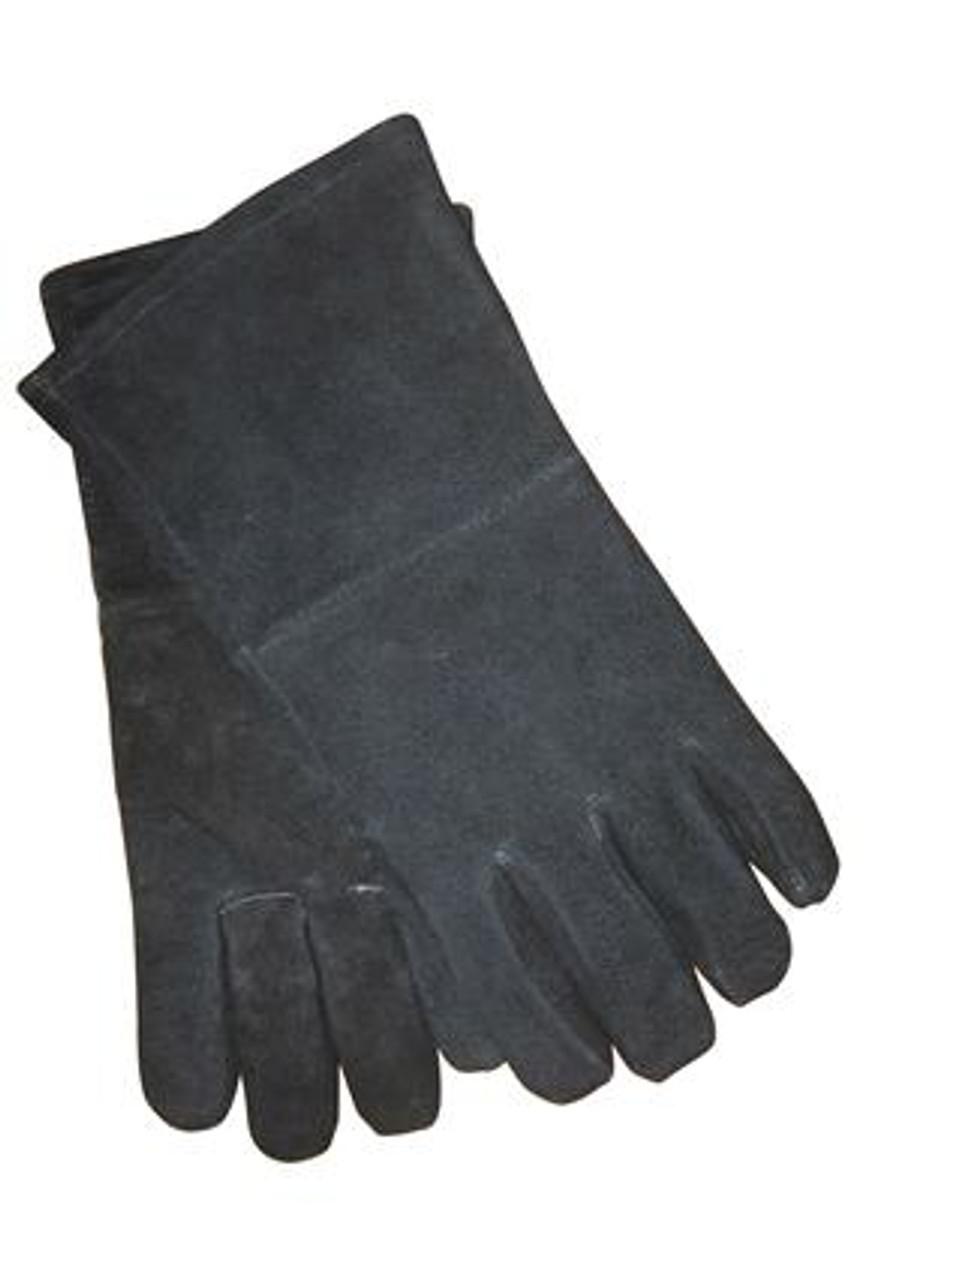 Manor Fireside Gloves Black